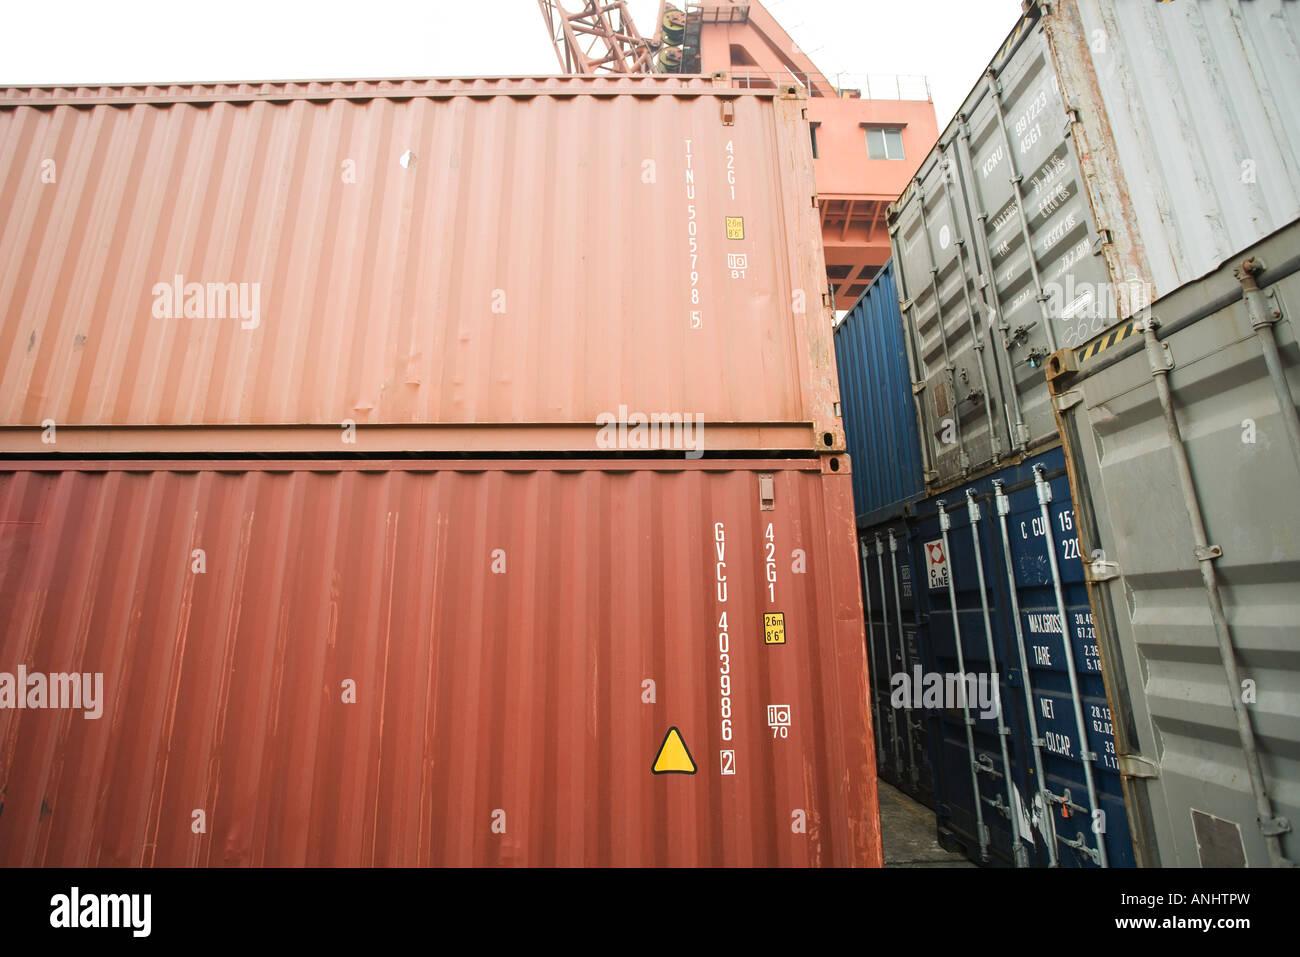 Corrugated Metals Stock Photos Amp Corrugated Metals Stock